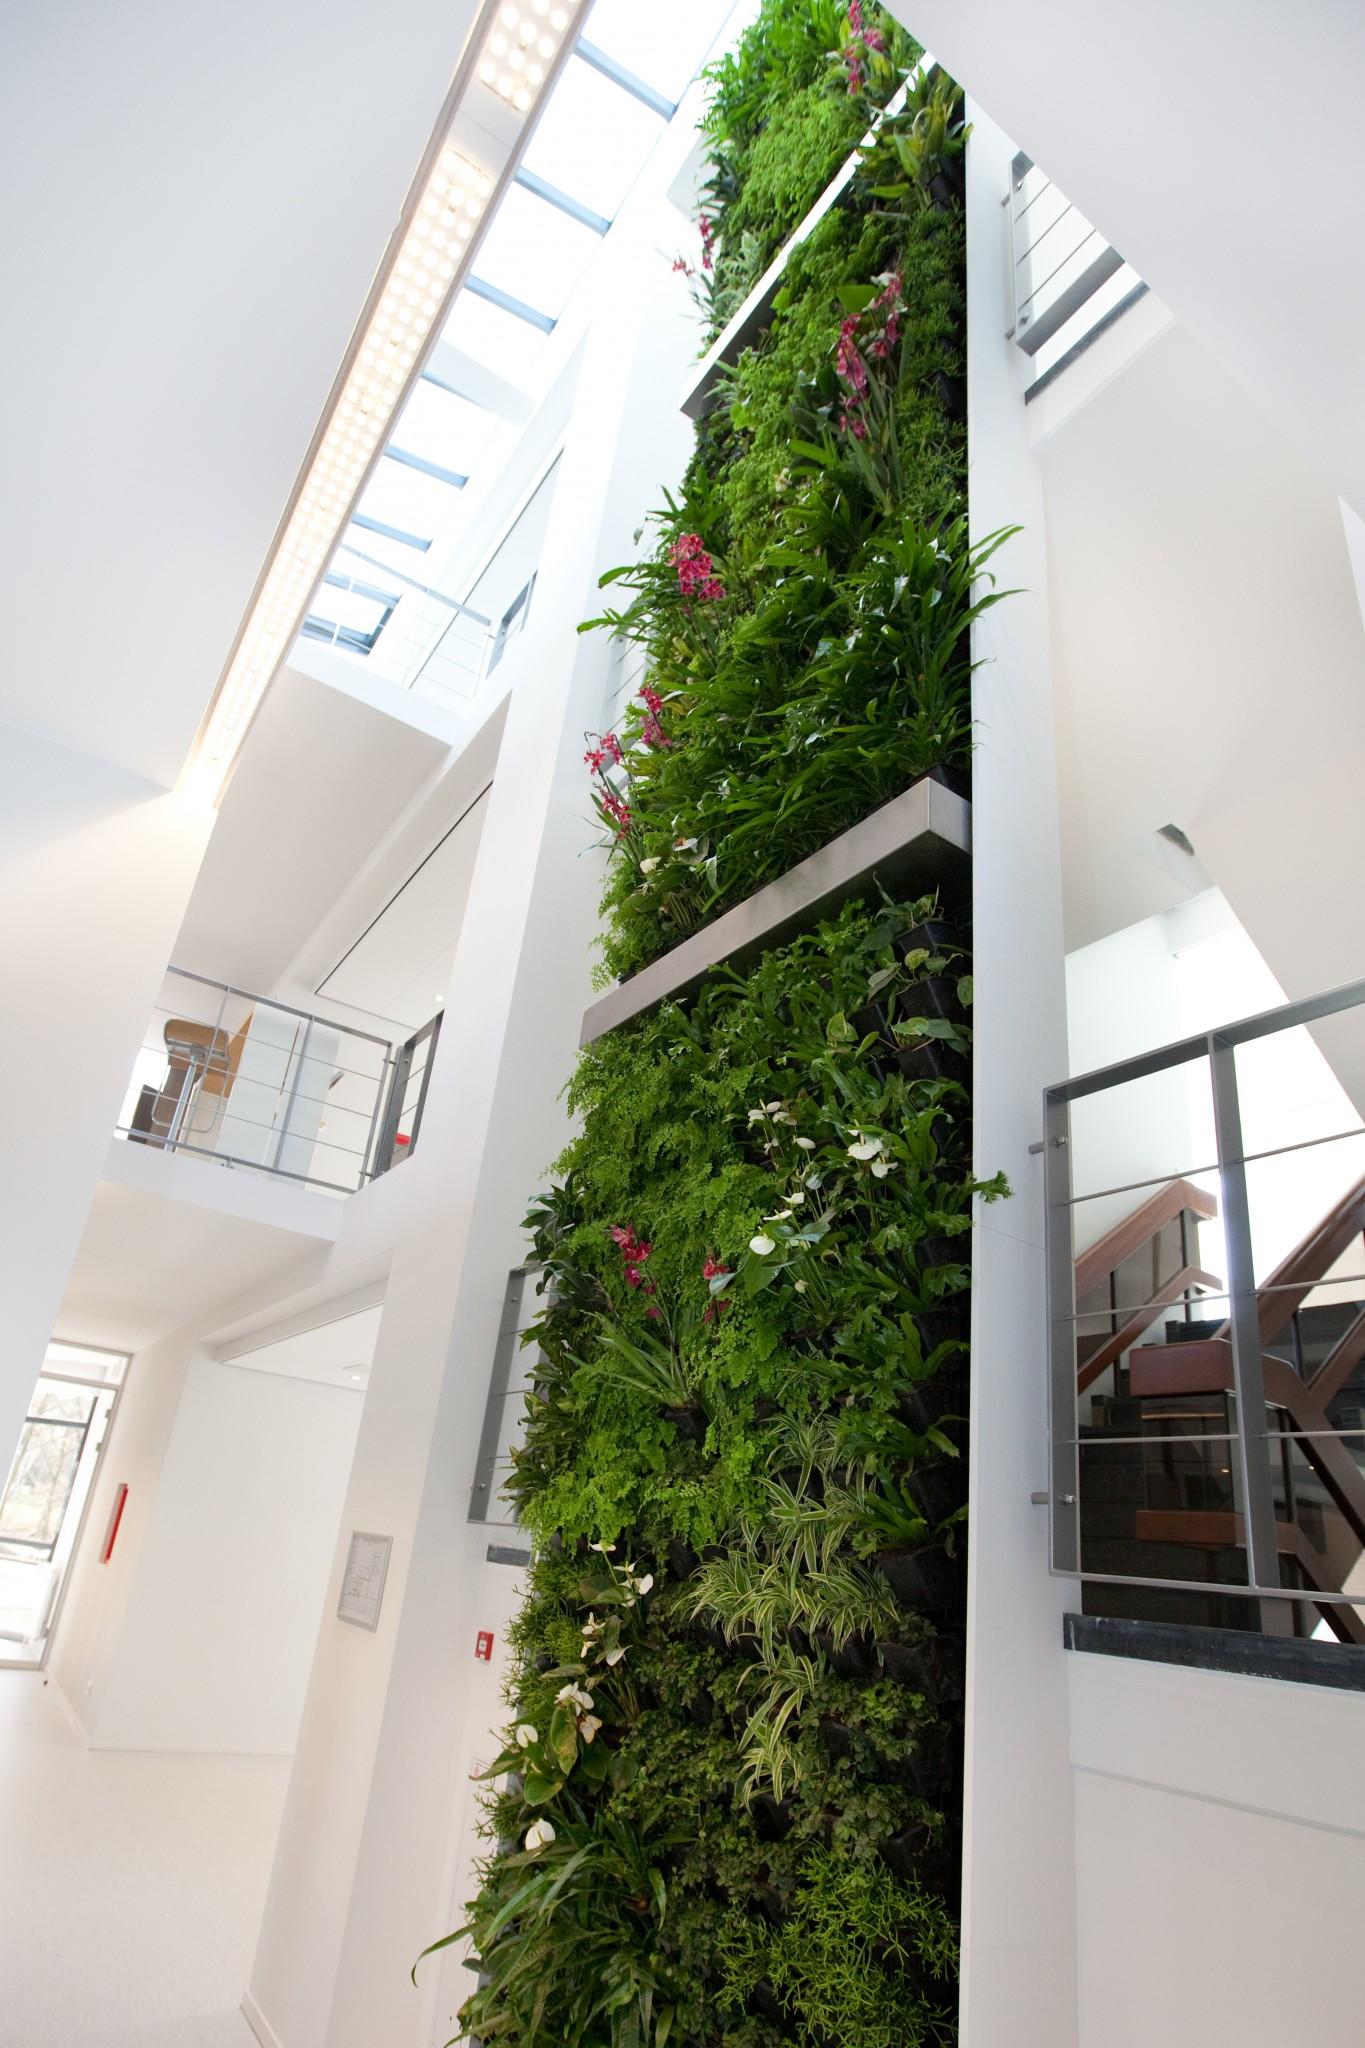 Verticale tuin met gevelrekken kantoorpand Lunetzorg